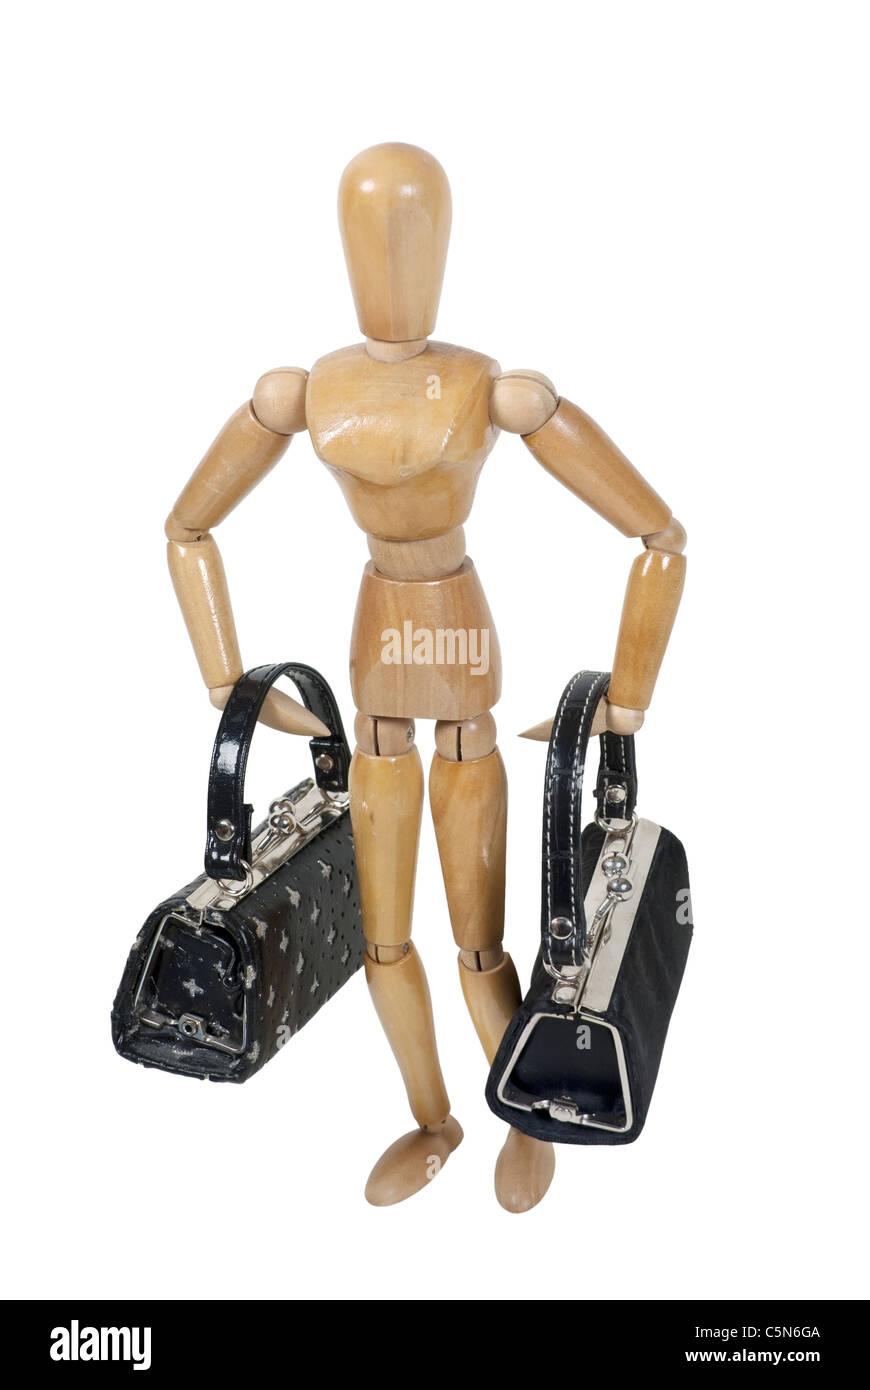 Maquette en bois transportant des sacs noirs d'assurance pour voyager - chemin inclus Photo Stock